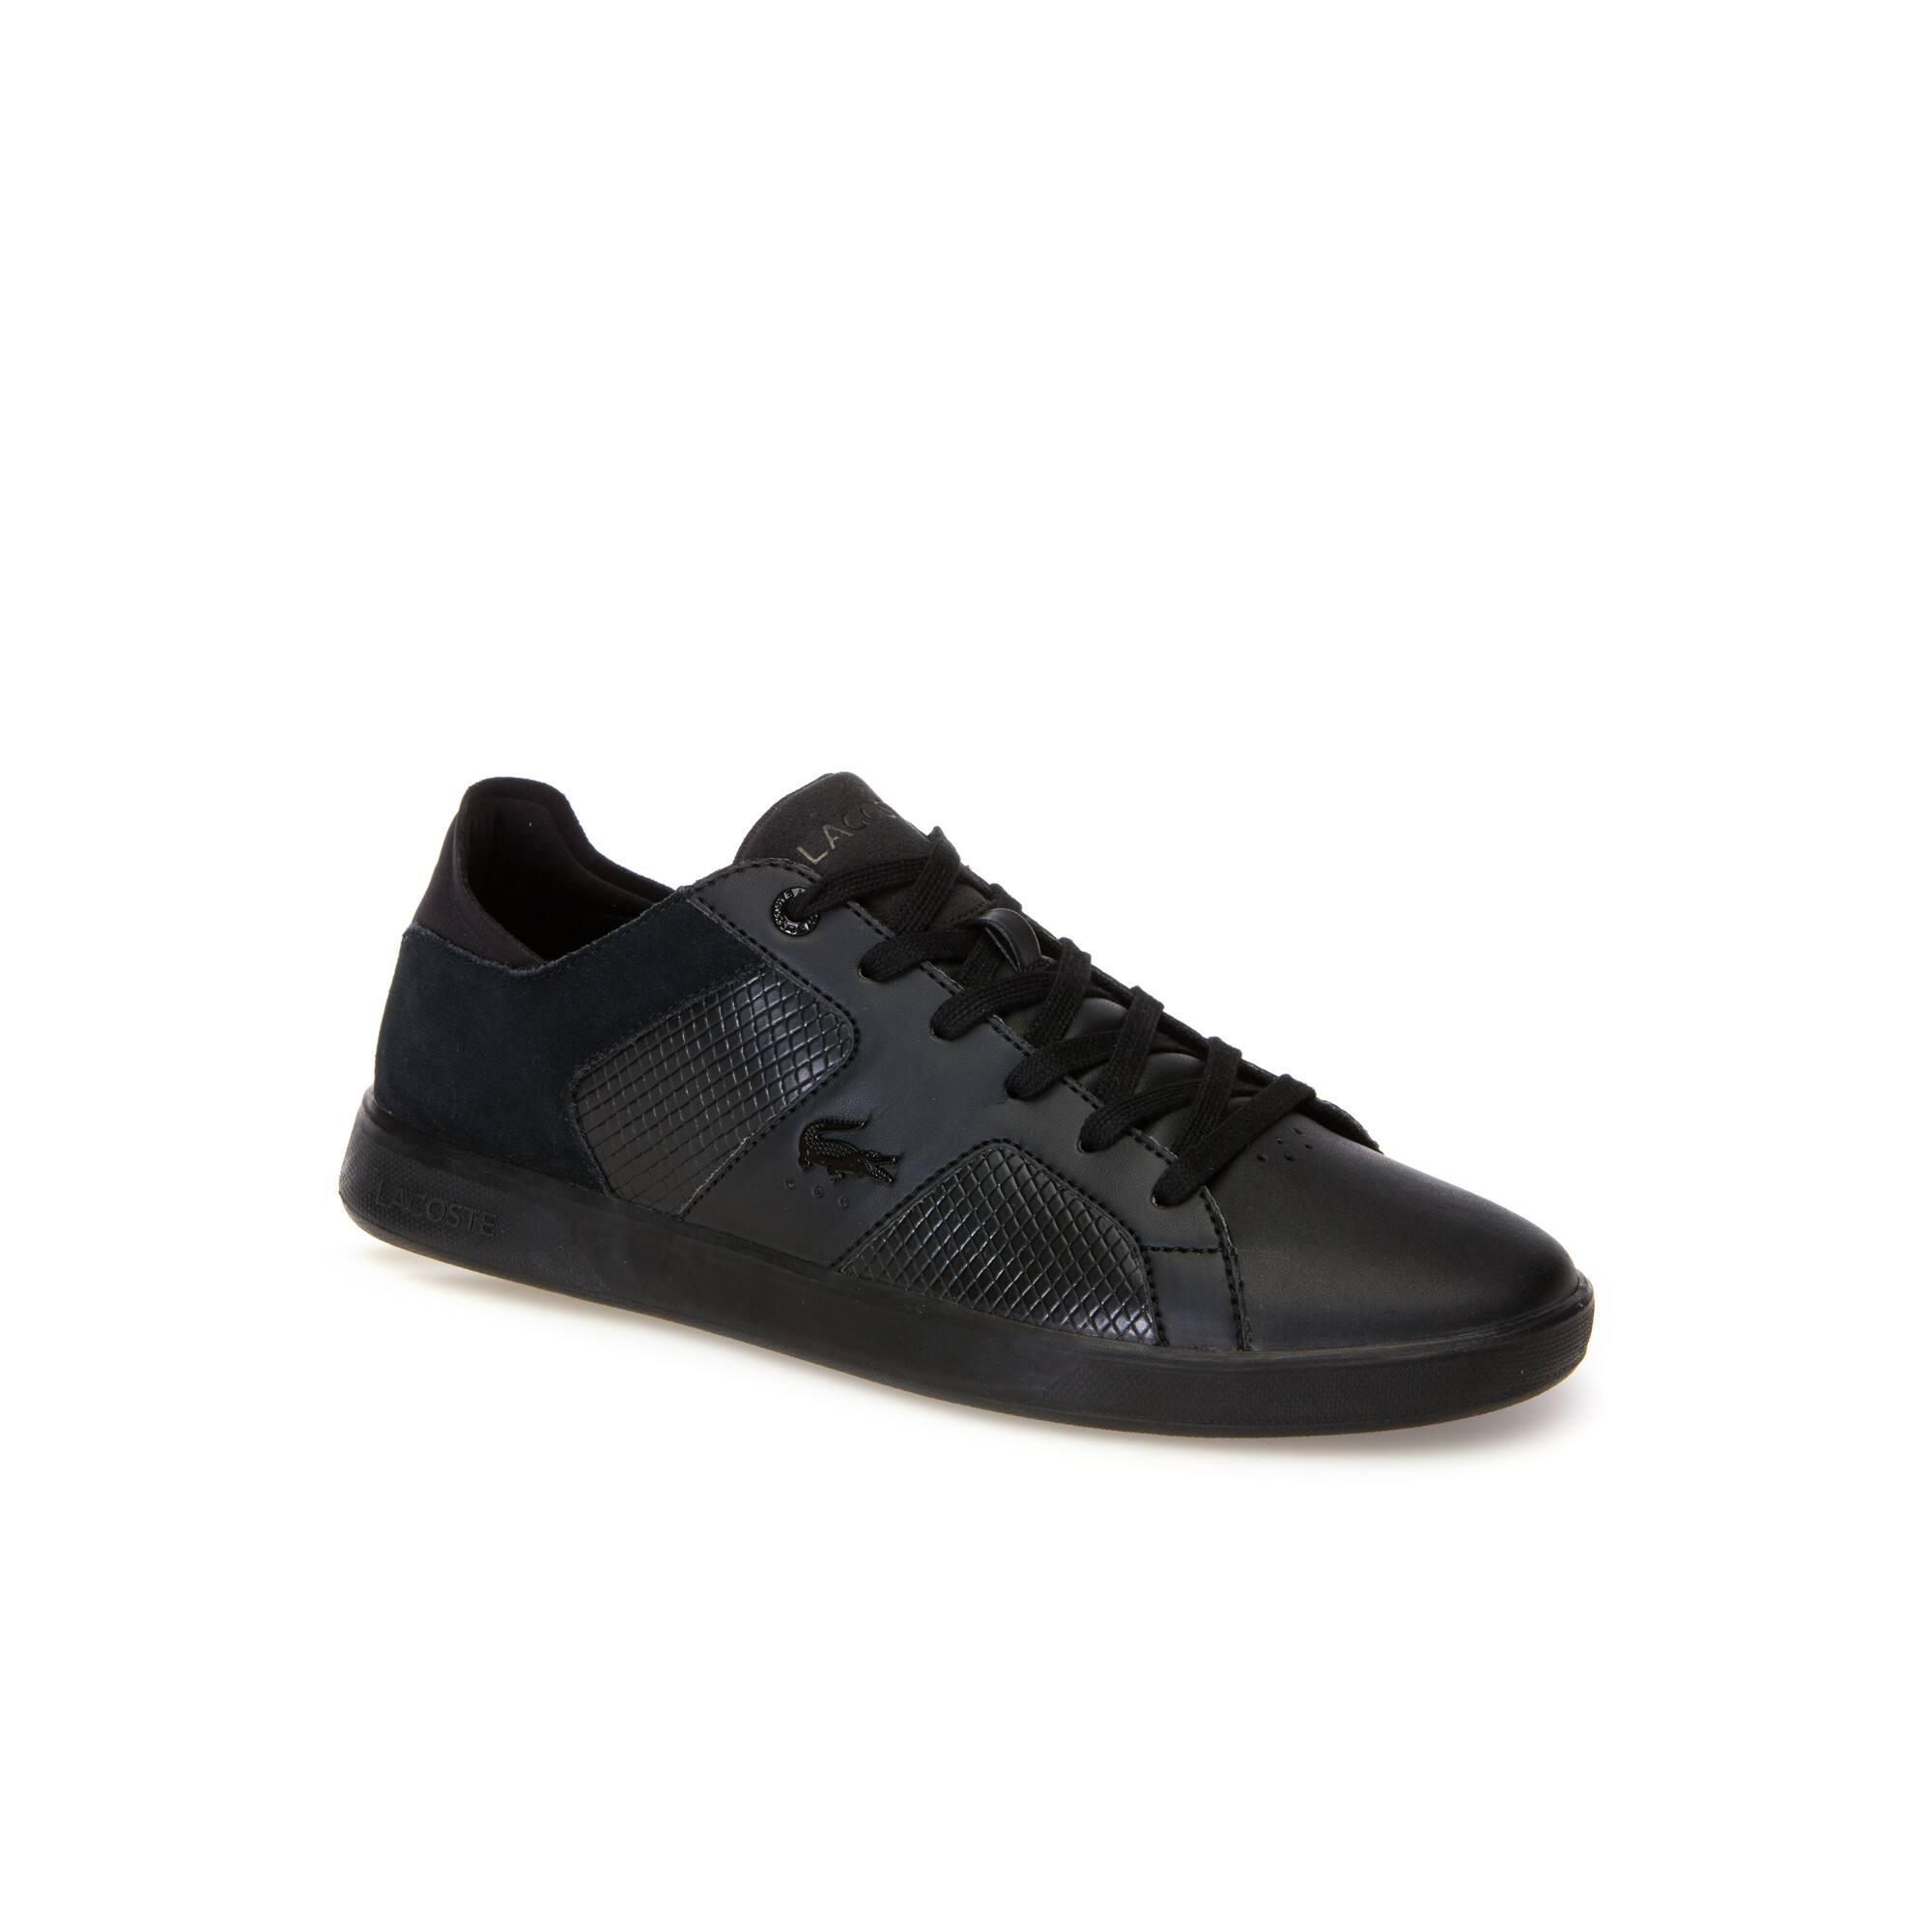 Herren-Sneakers NOVAS aus Leder, Veloursleder und Synthetik